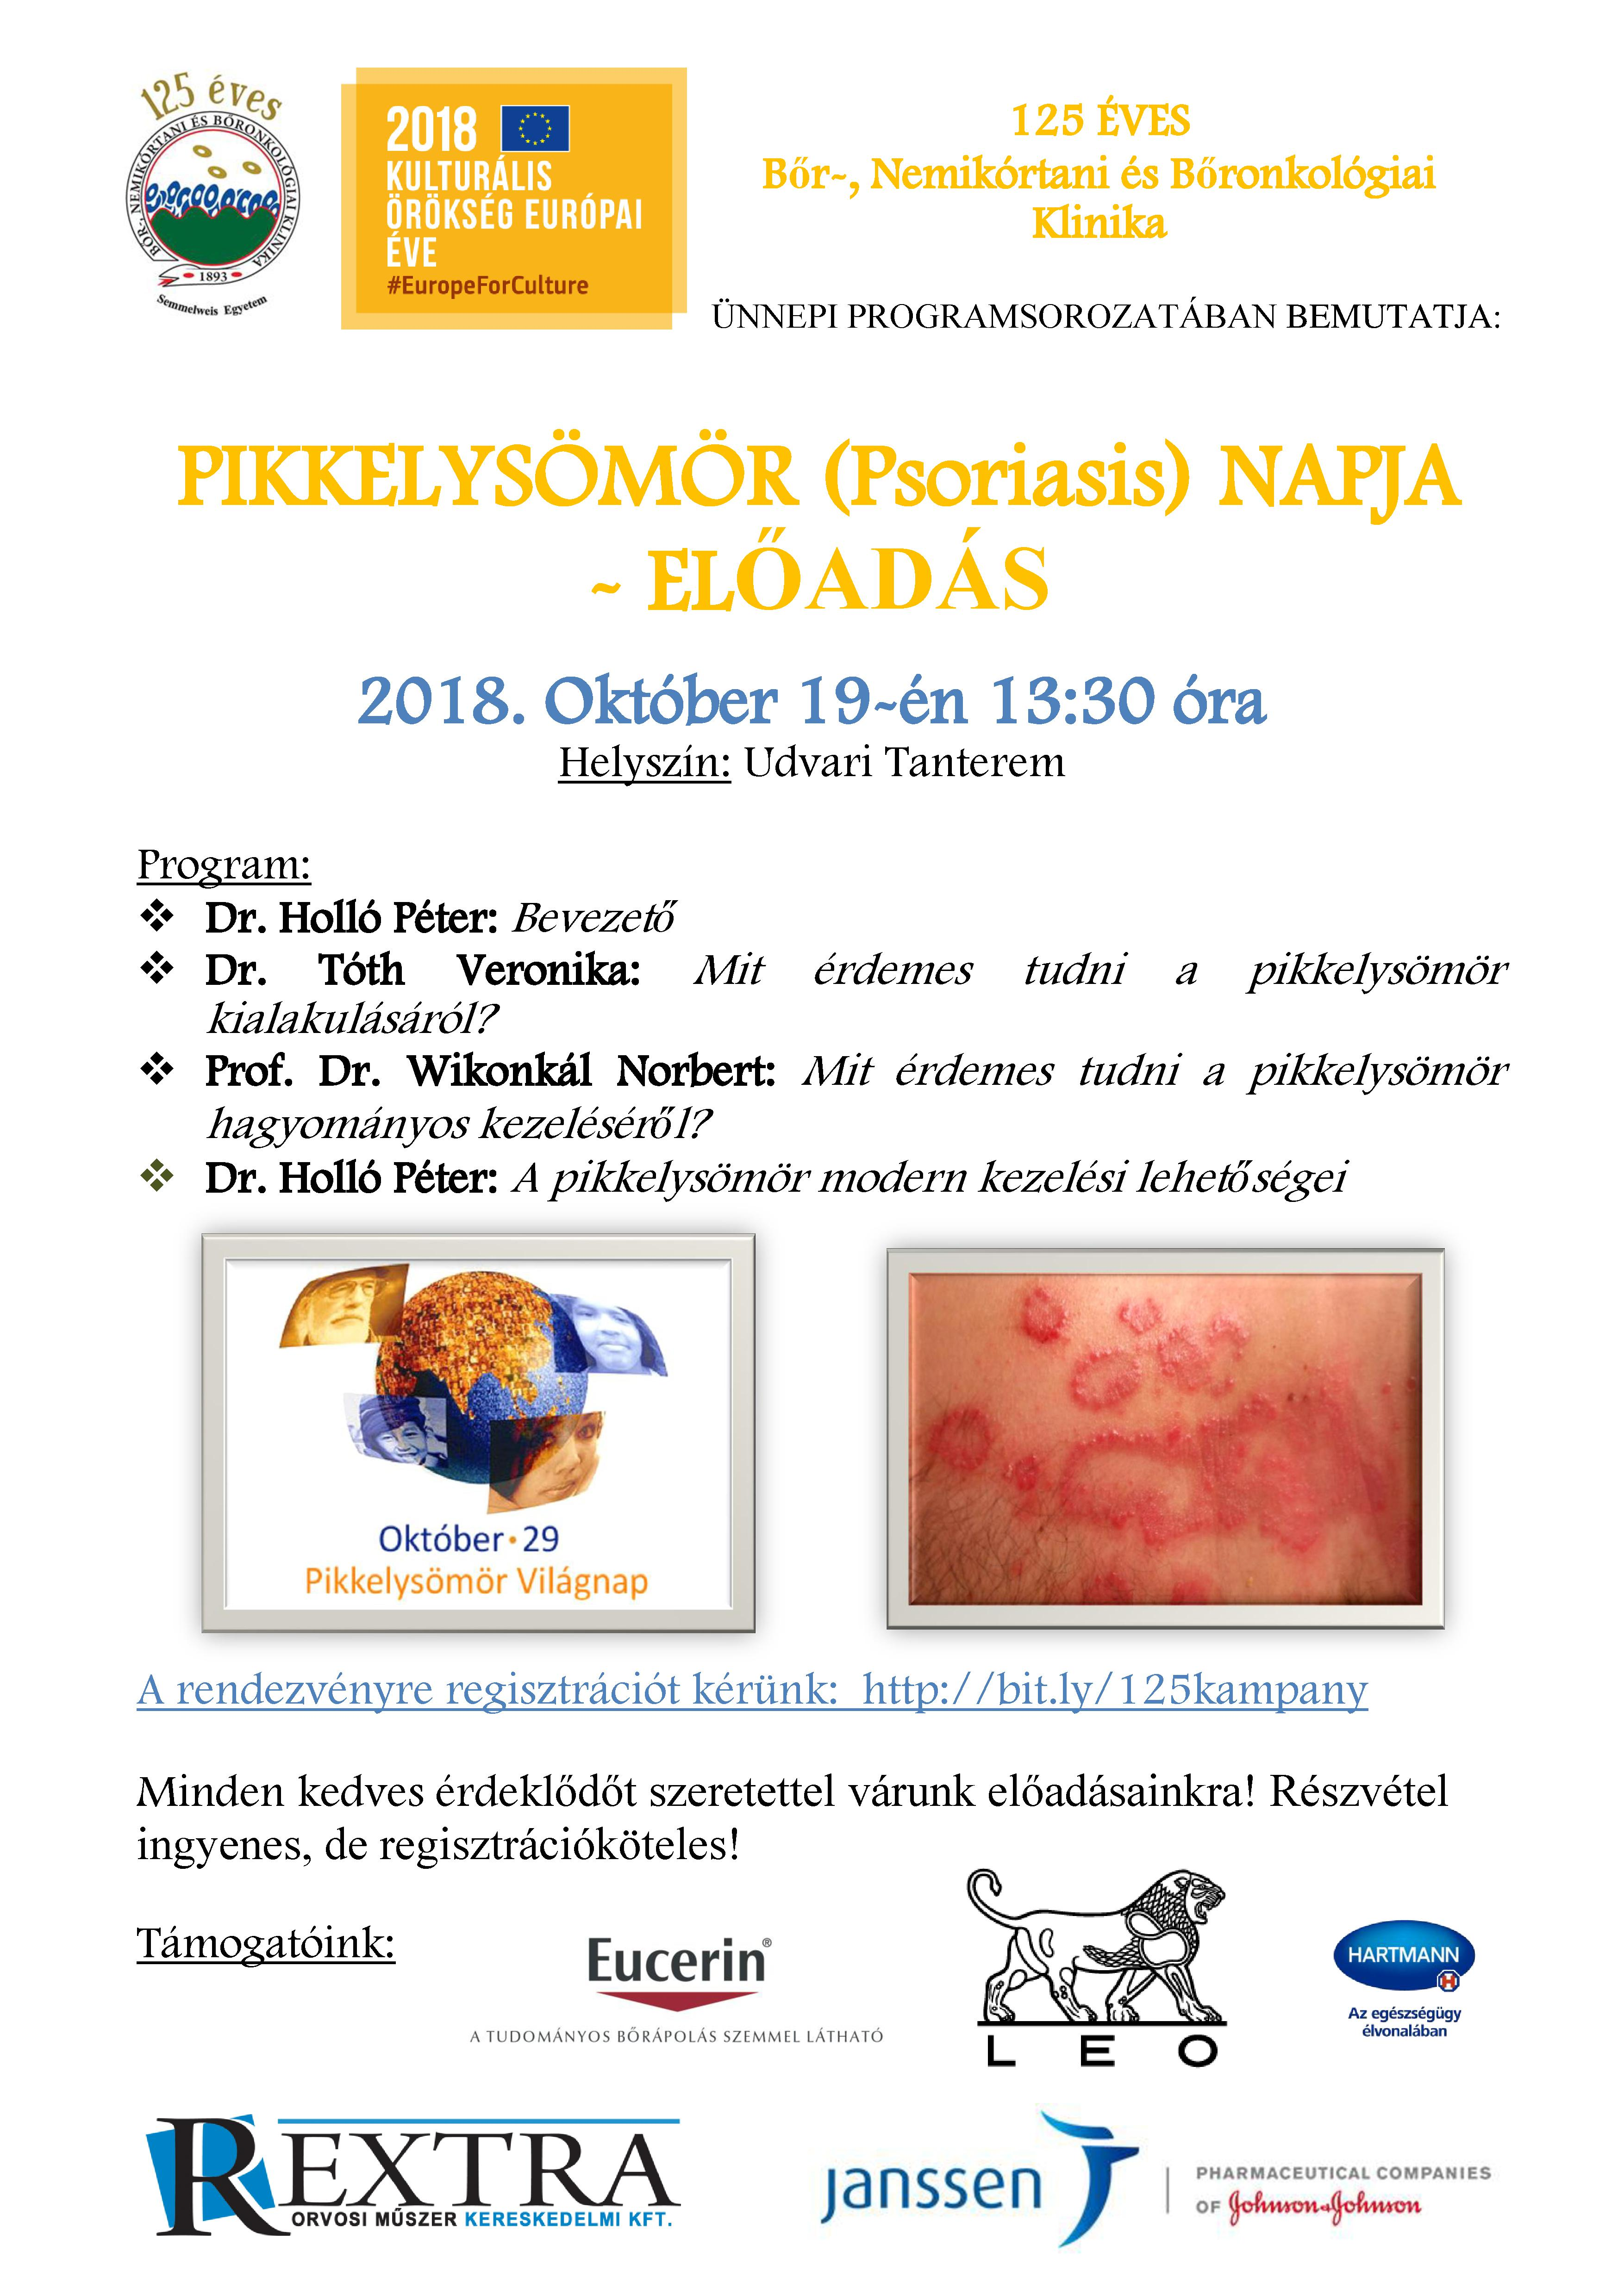 butakova előadása az ízületi betegségről